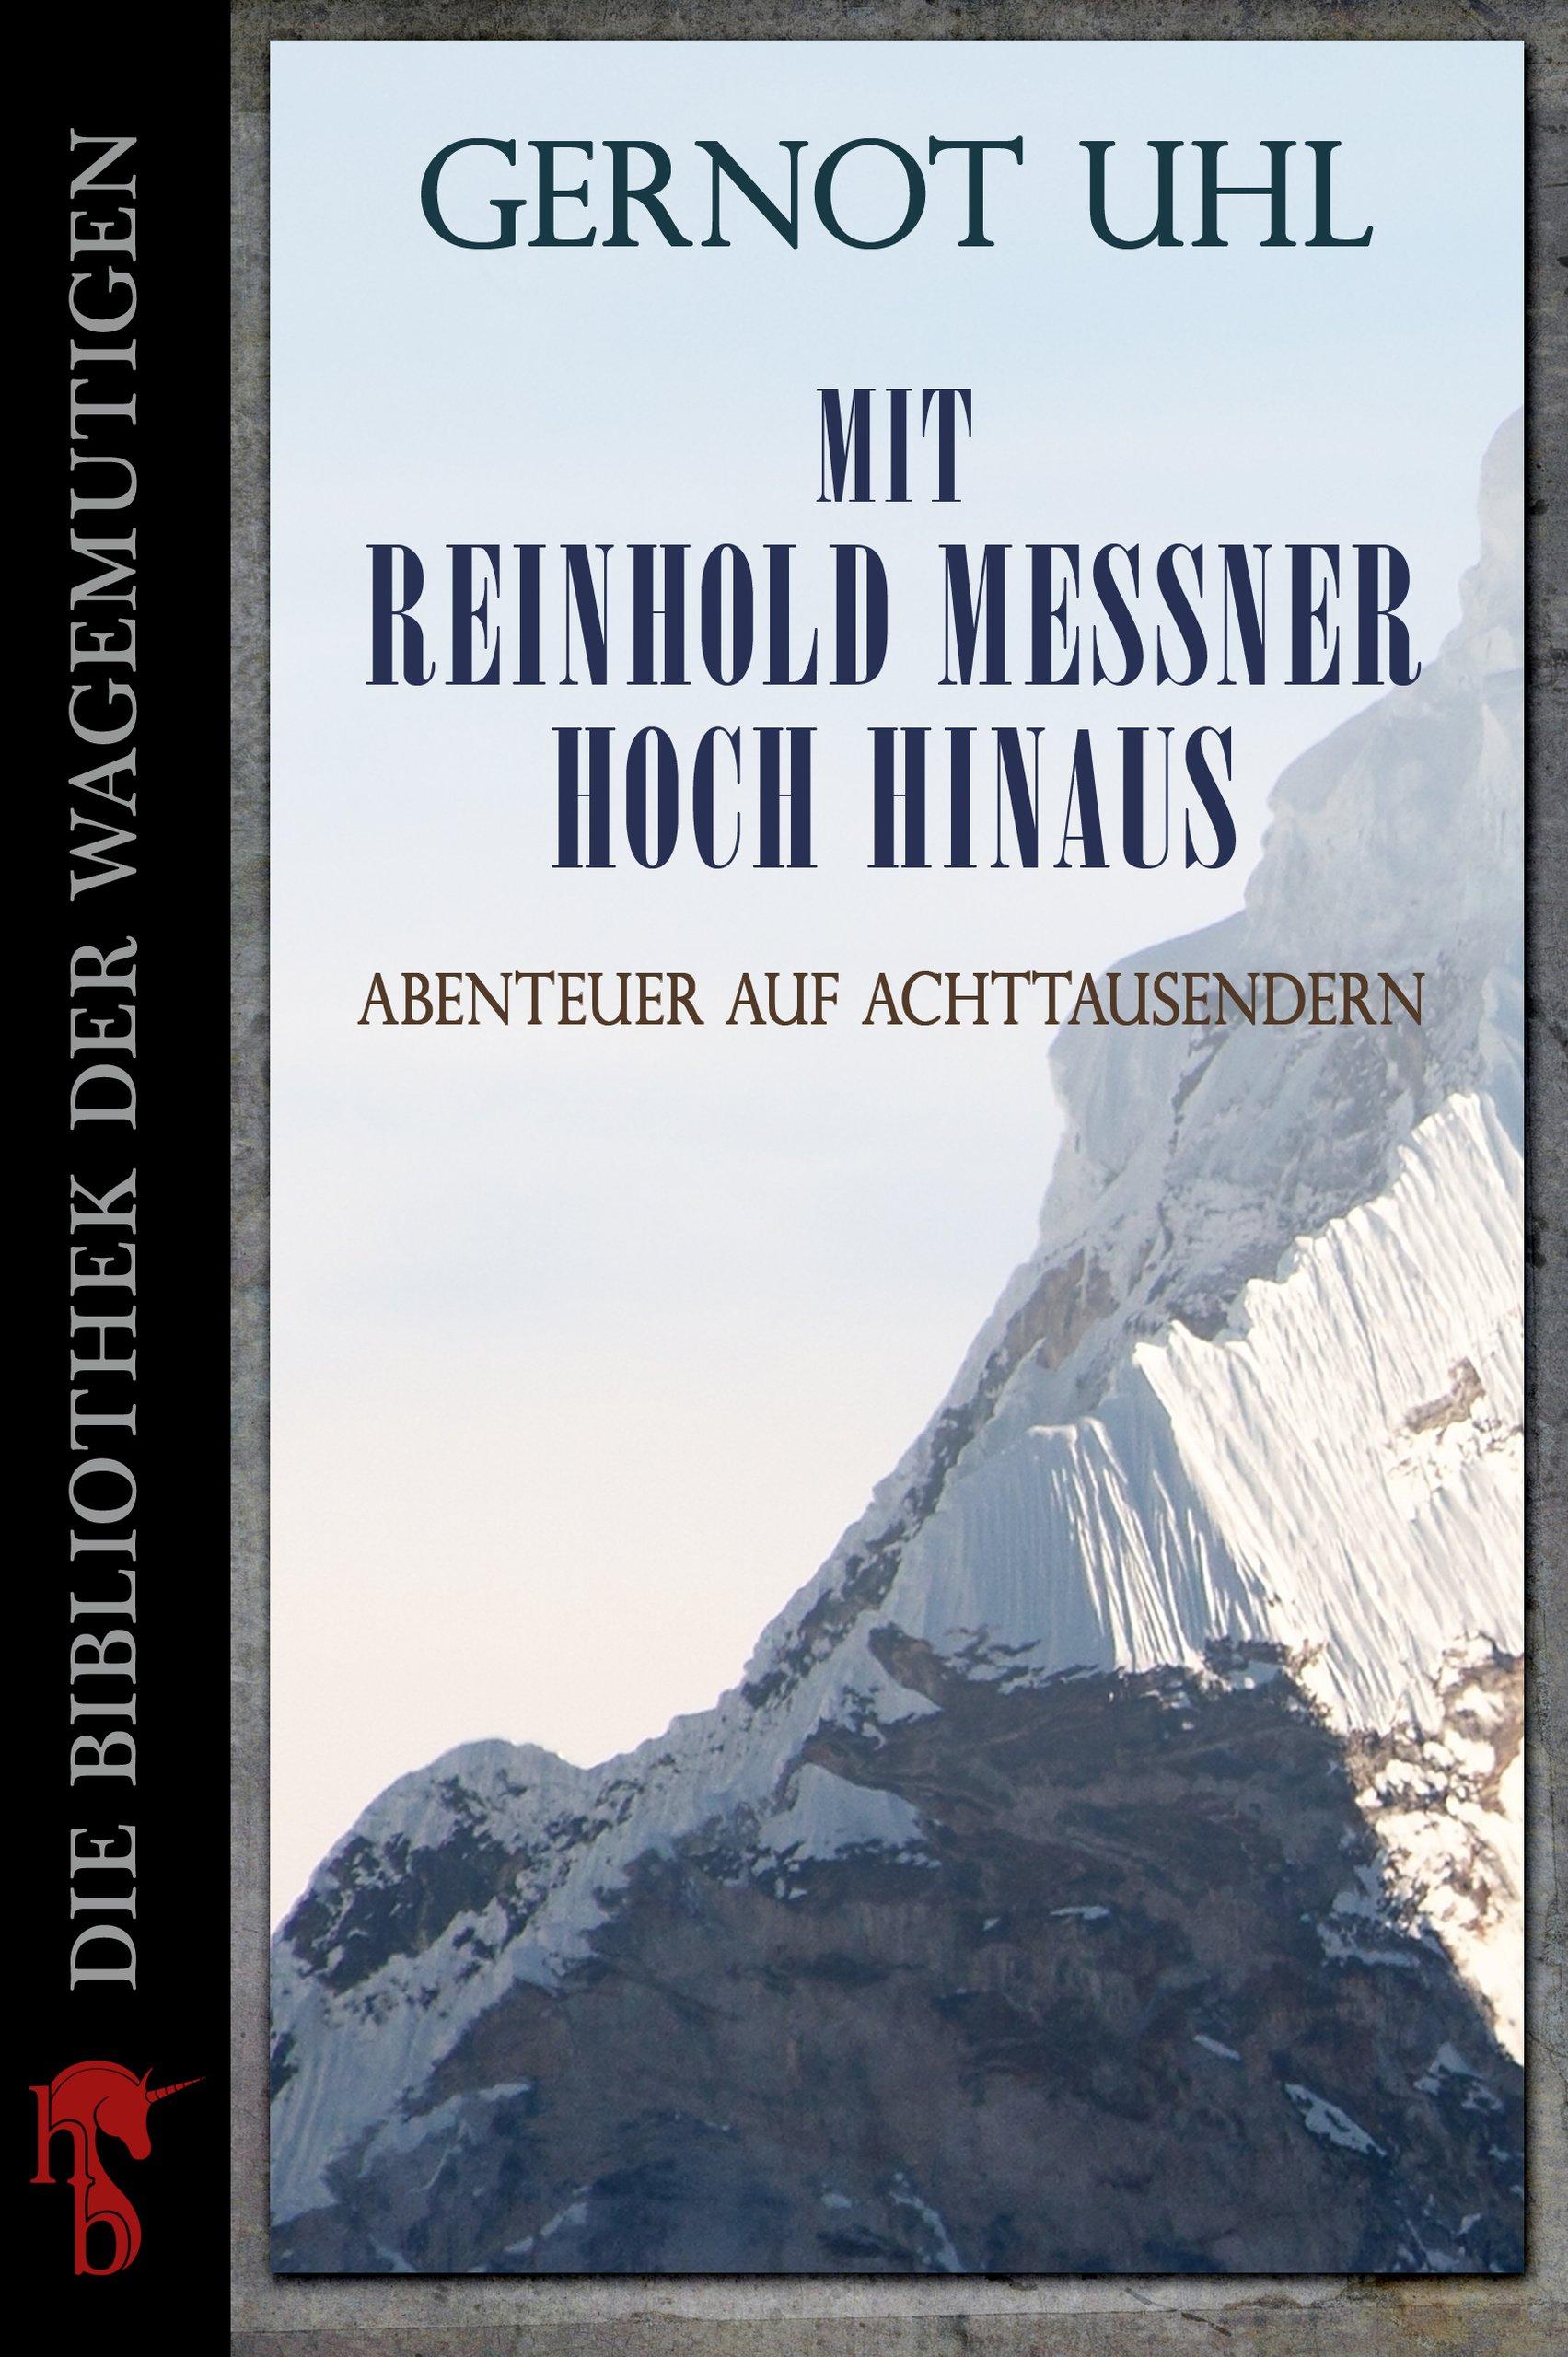 Mit Reinhold Messner Hoch Hinaus  Abenteuer Auf Achttausendern  Kindle Single